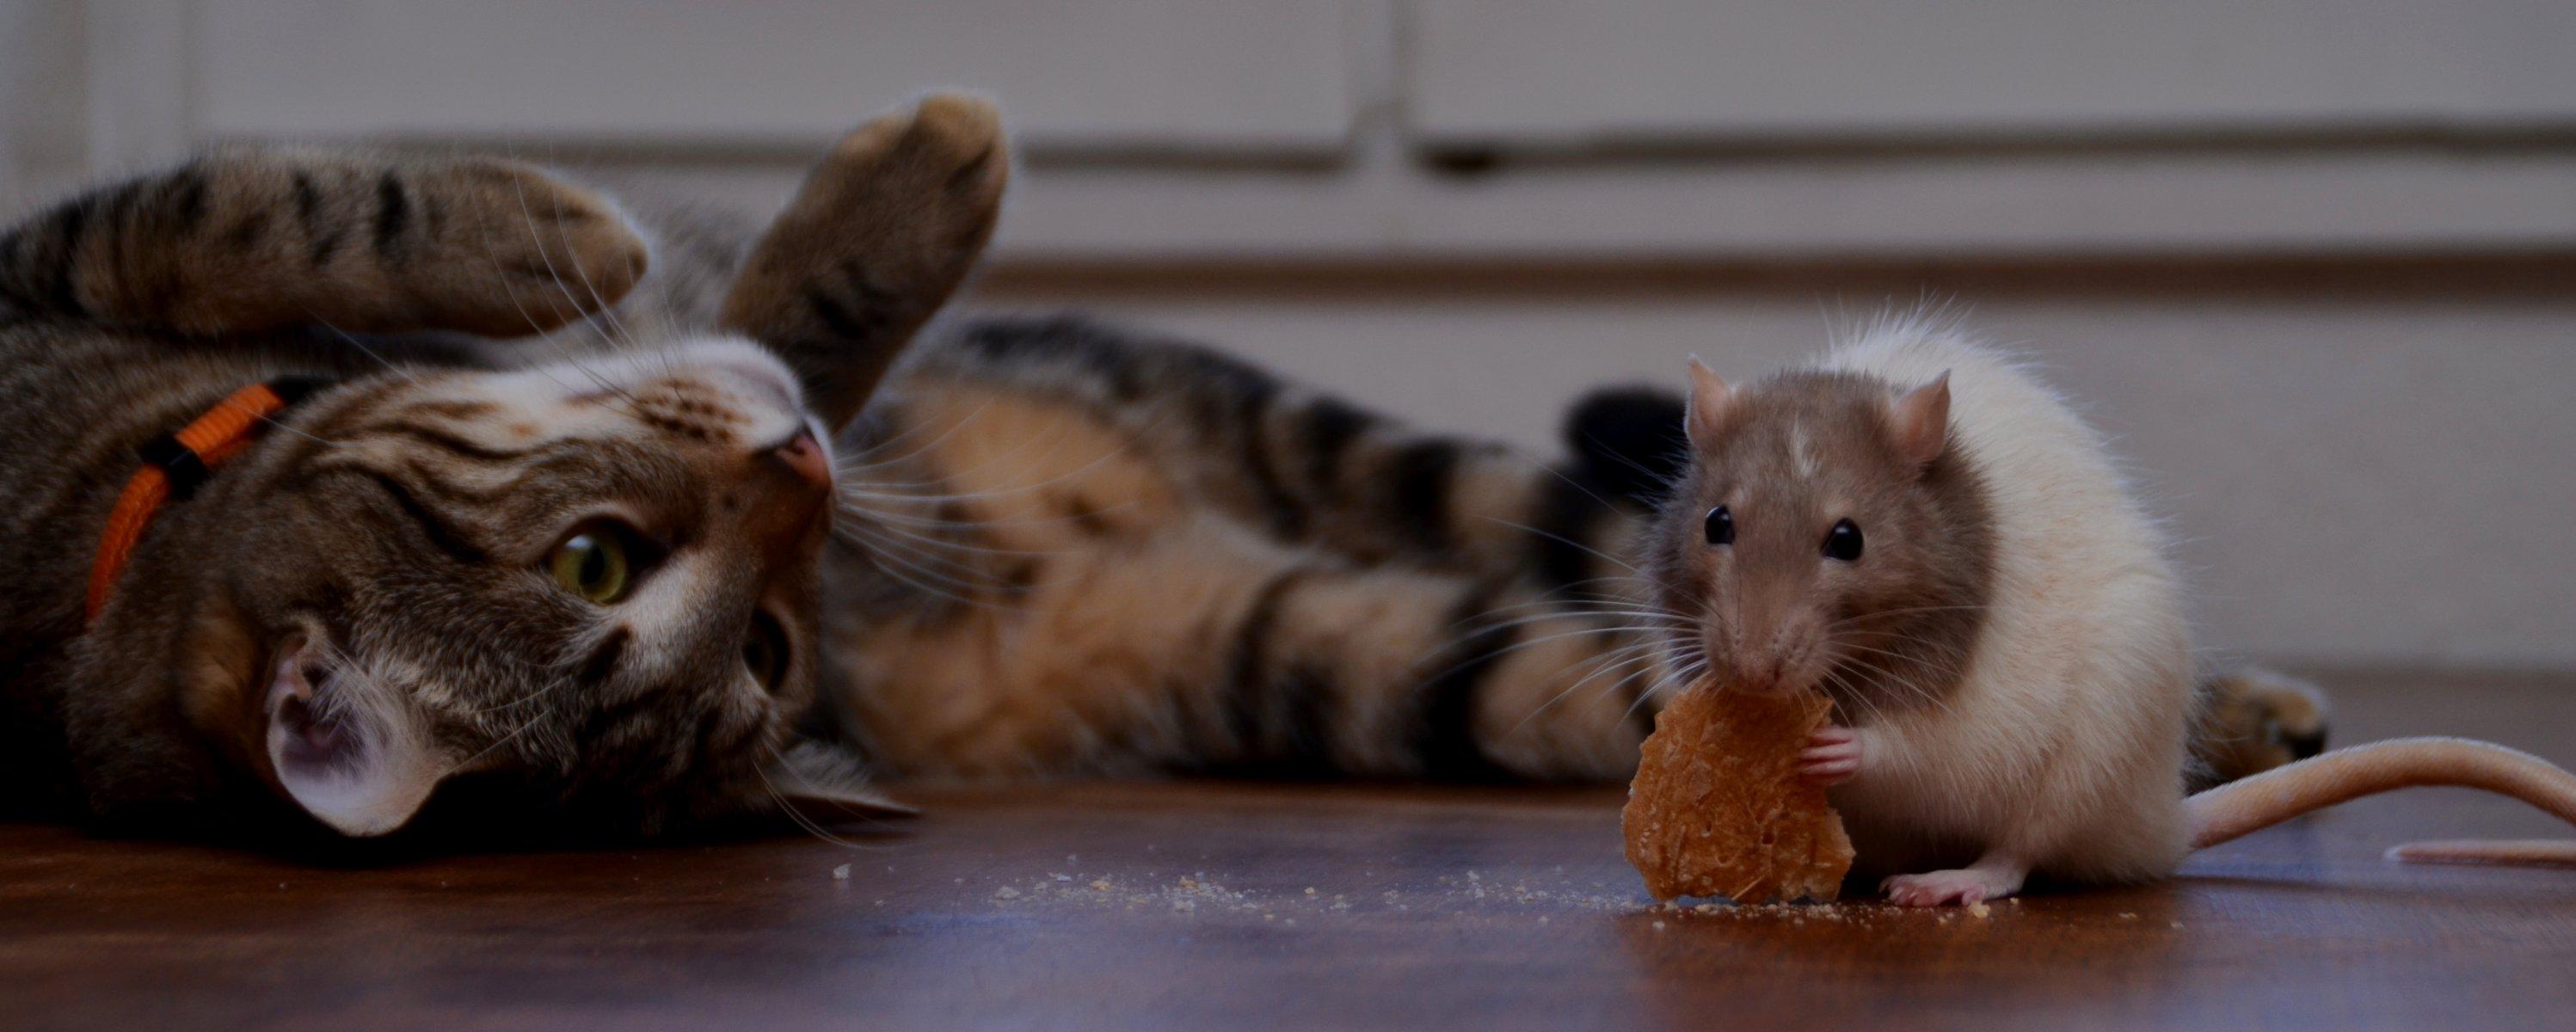 Старик, смешные картинки с котом и мышью